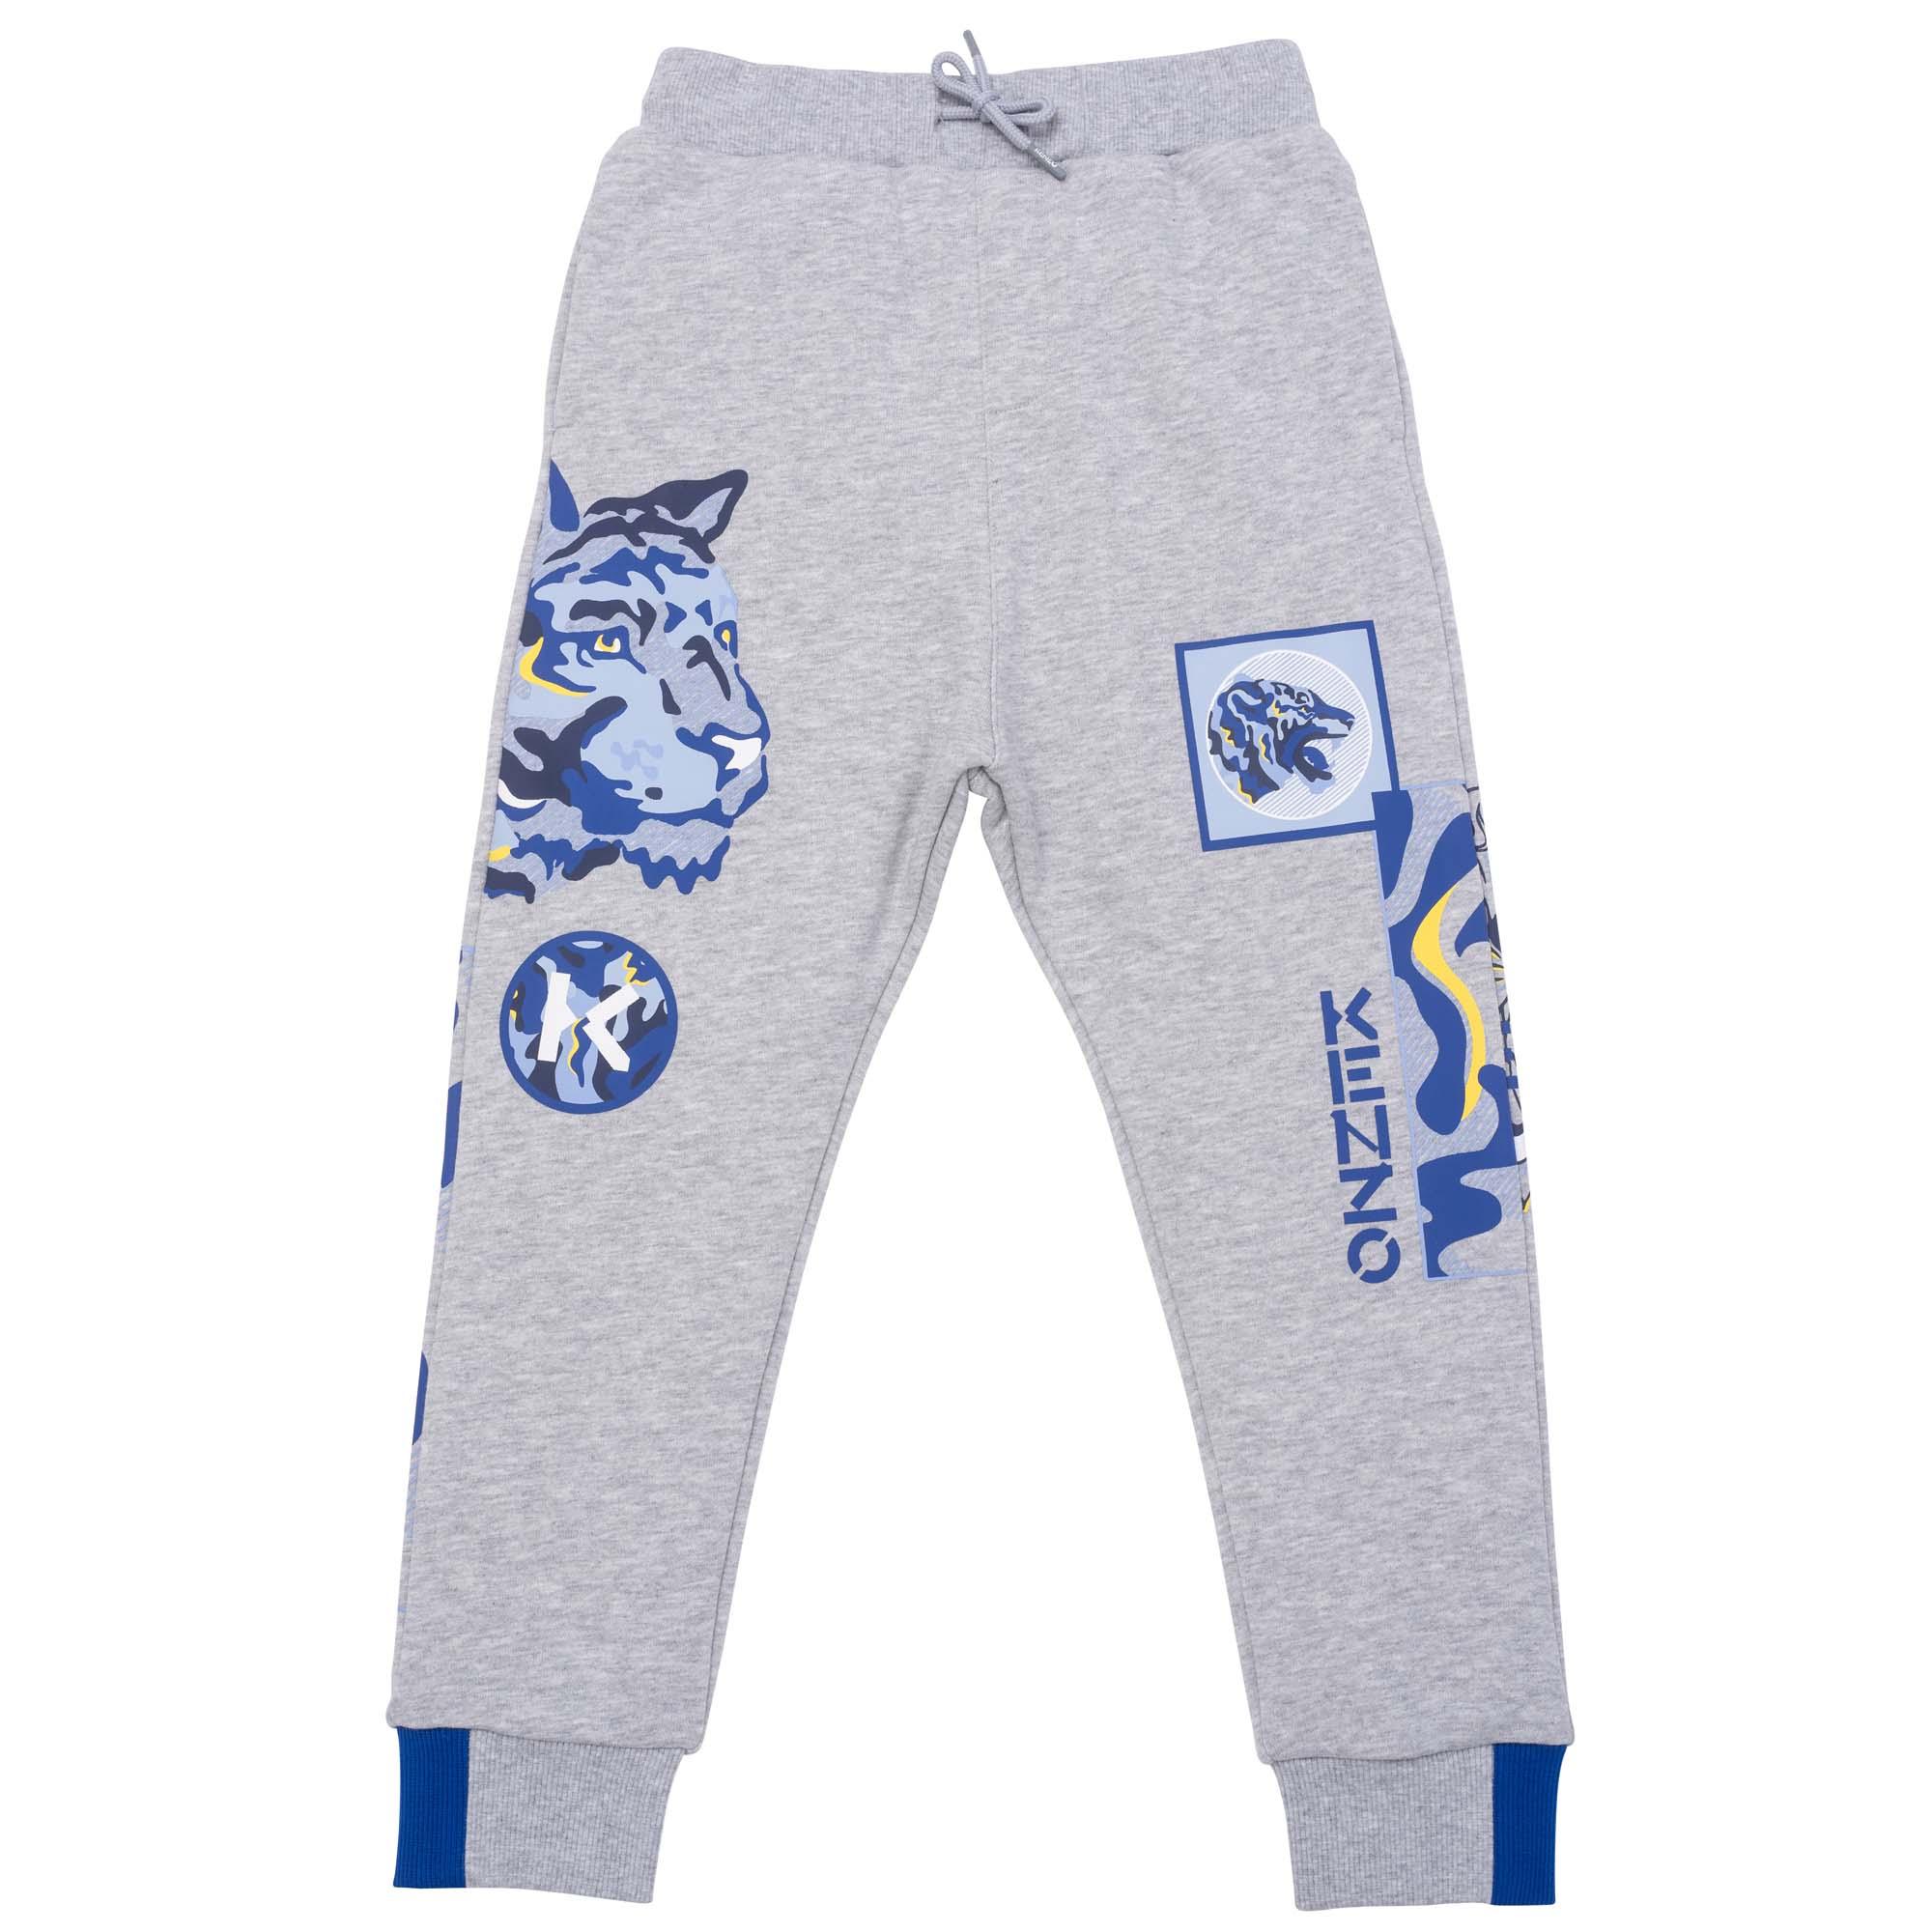 Pantalon de jogging KENZO KIDS pour GARCON